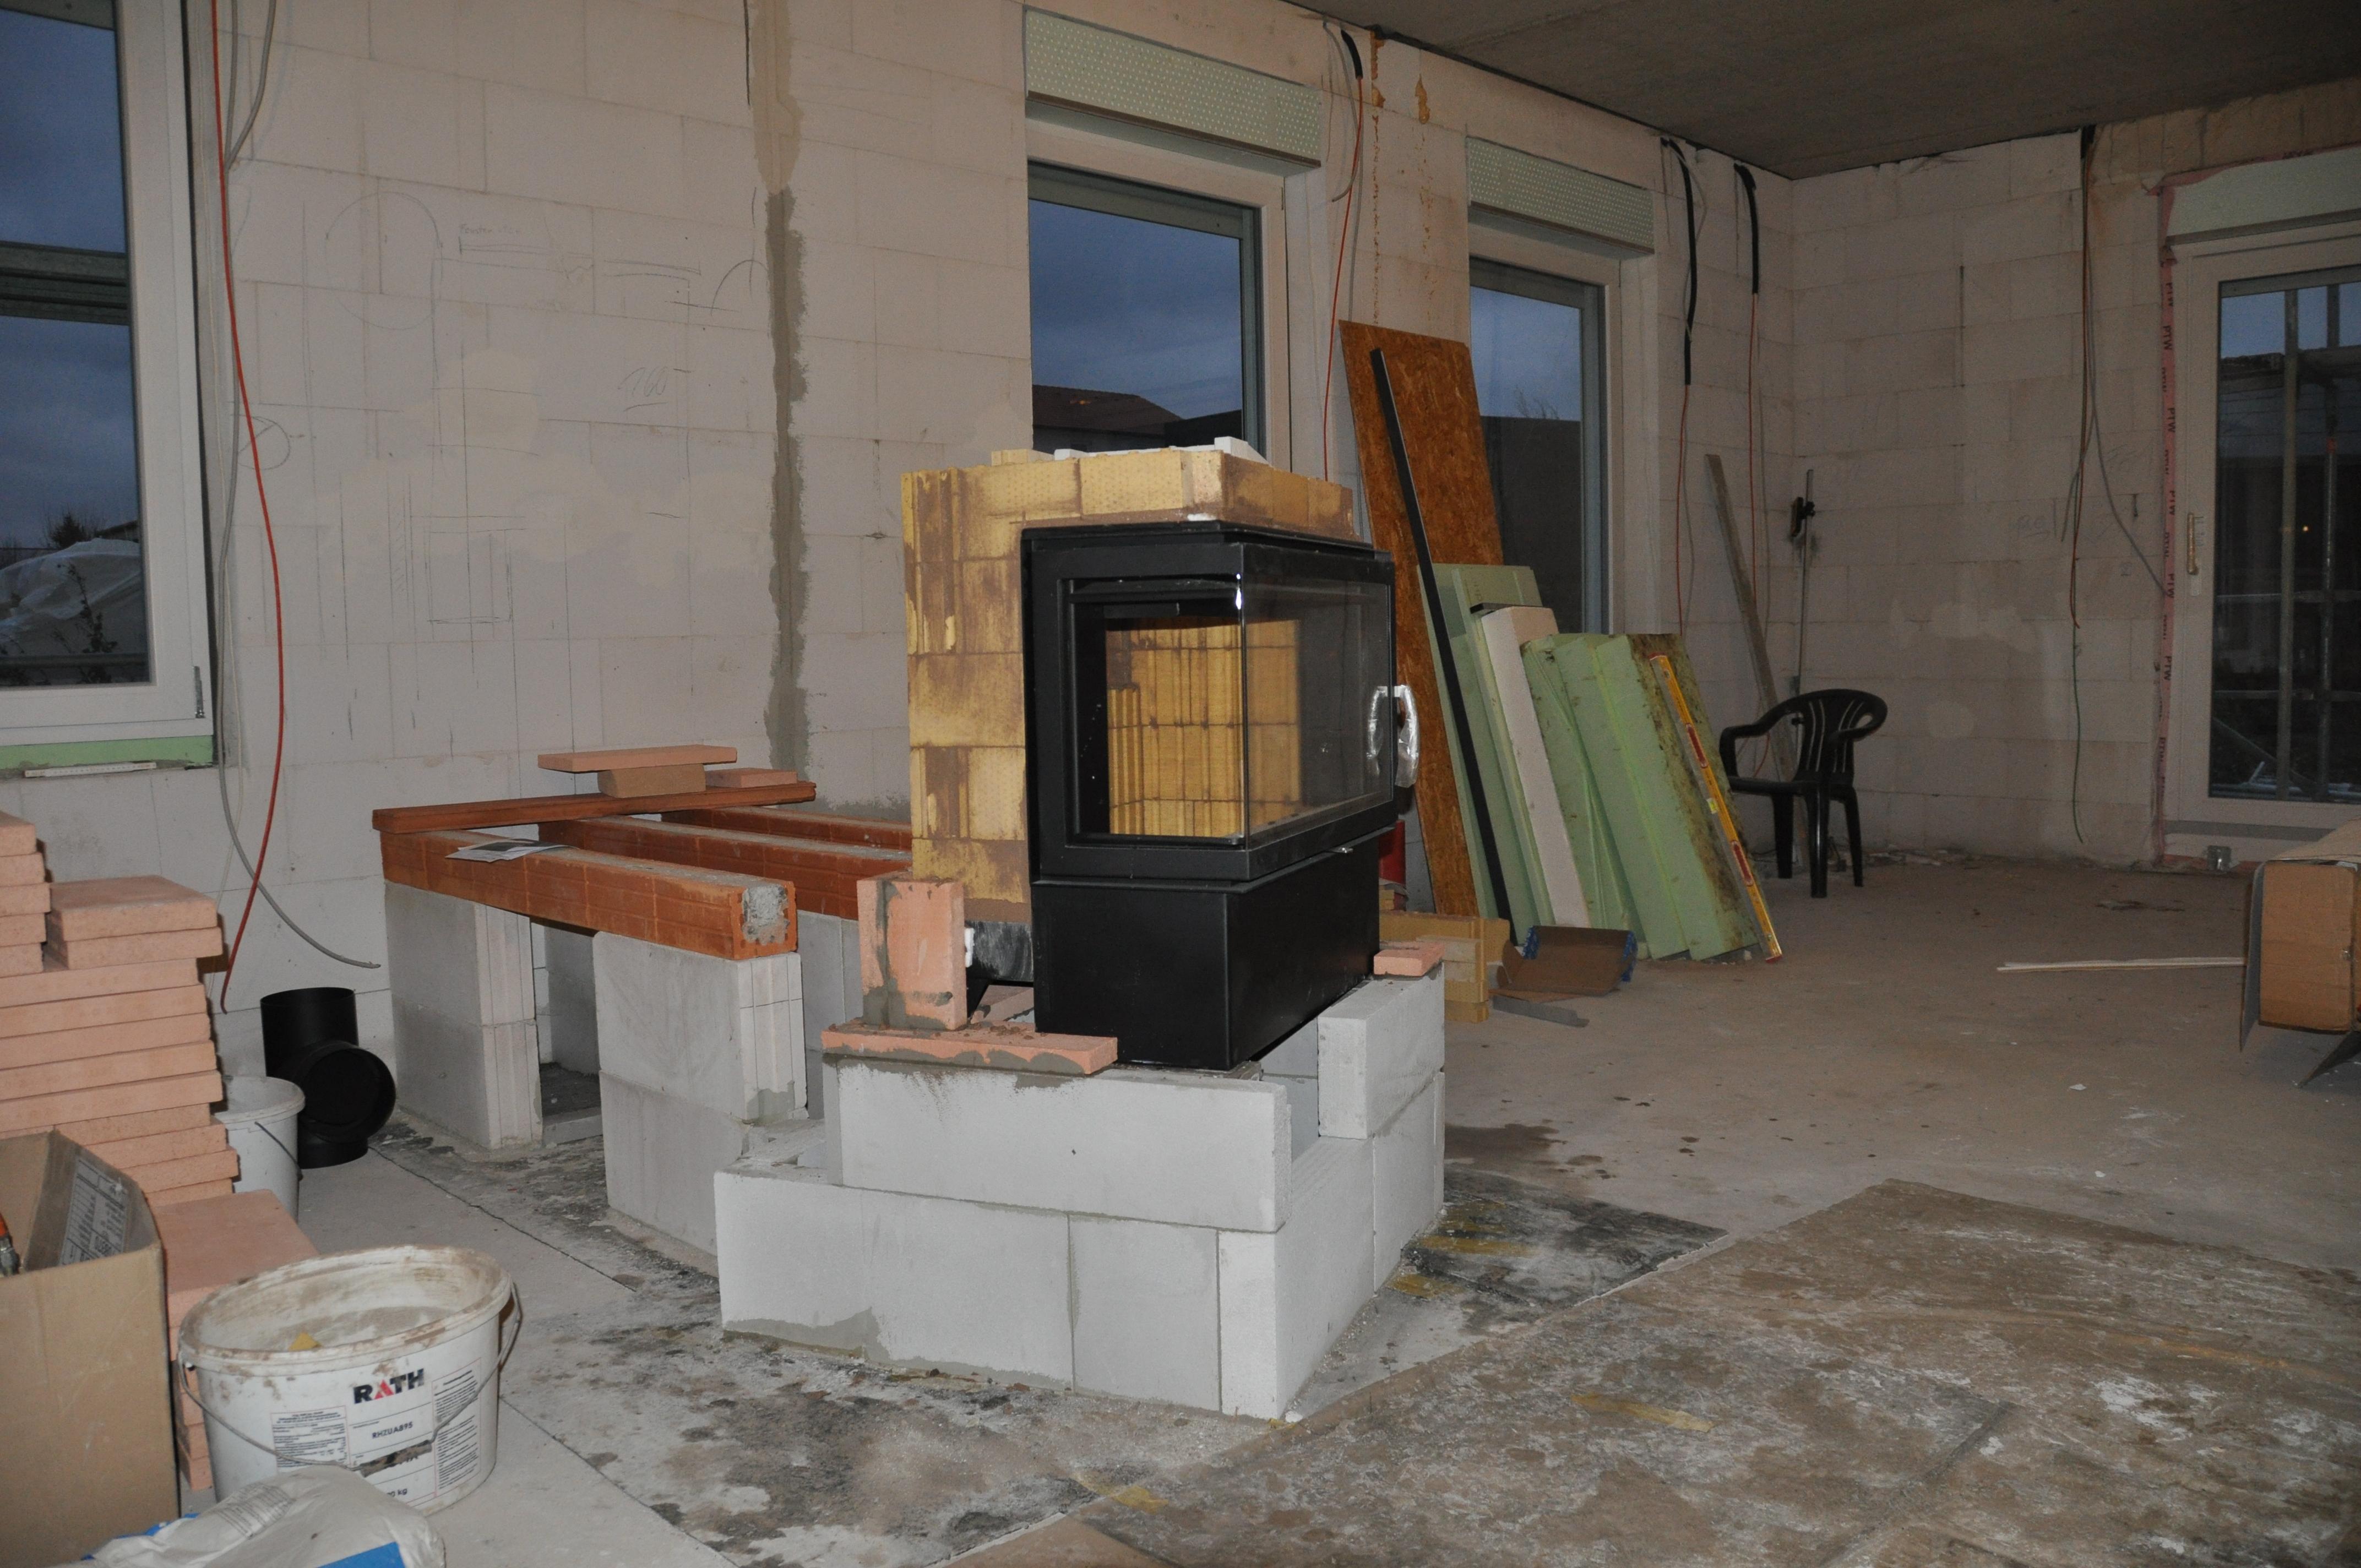 fortschritte beim kachelofen haus im selbstbau. Black Bedroom Furniture Sets. Home Design Ideas